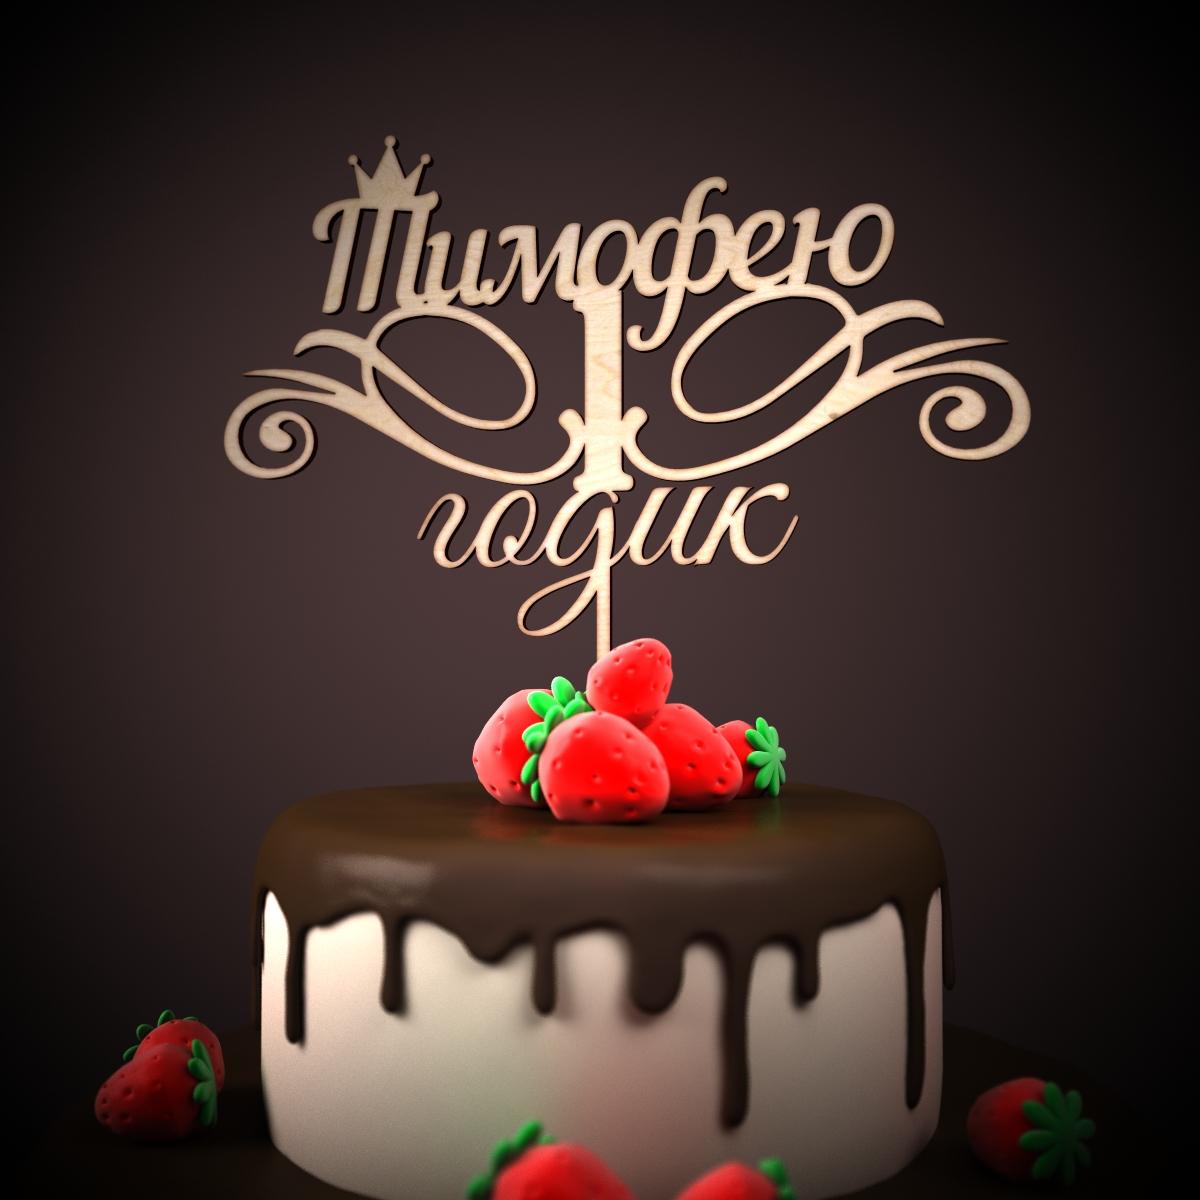 Годик тимофею поздравление